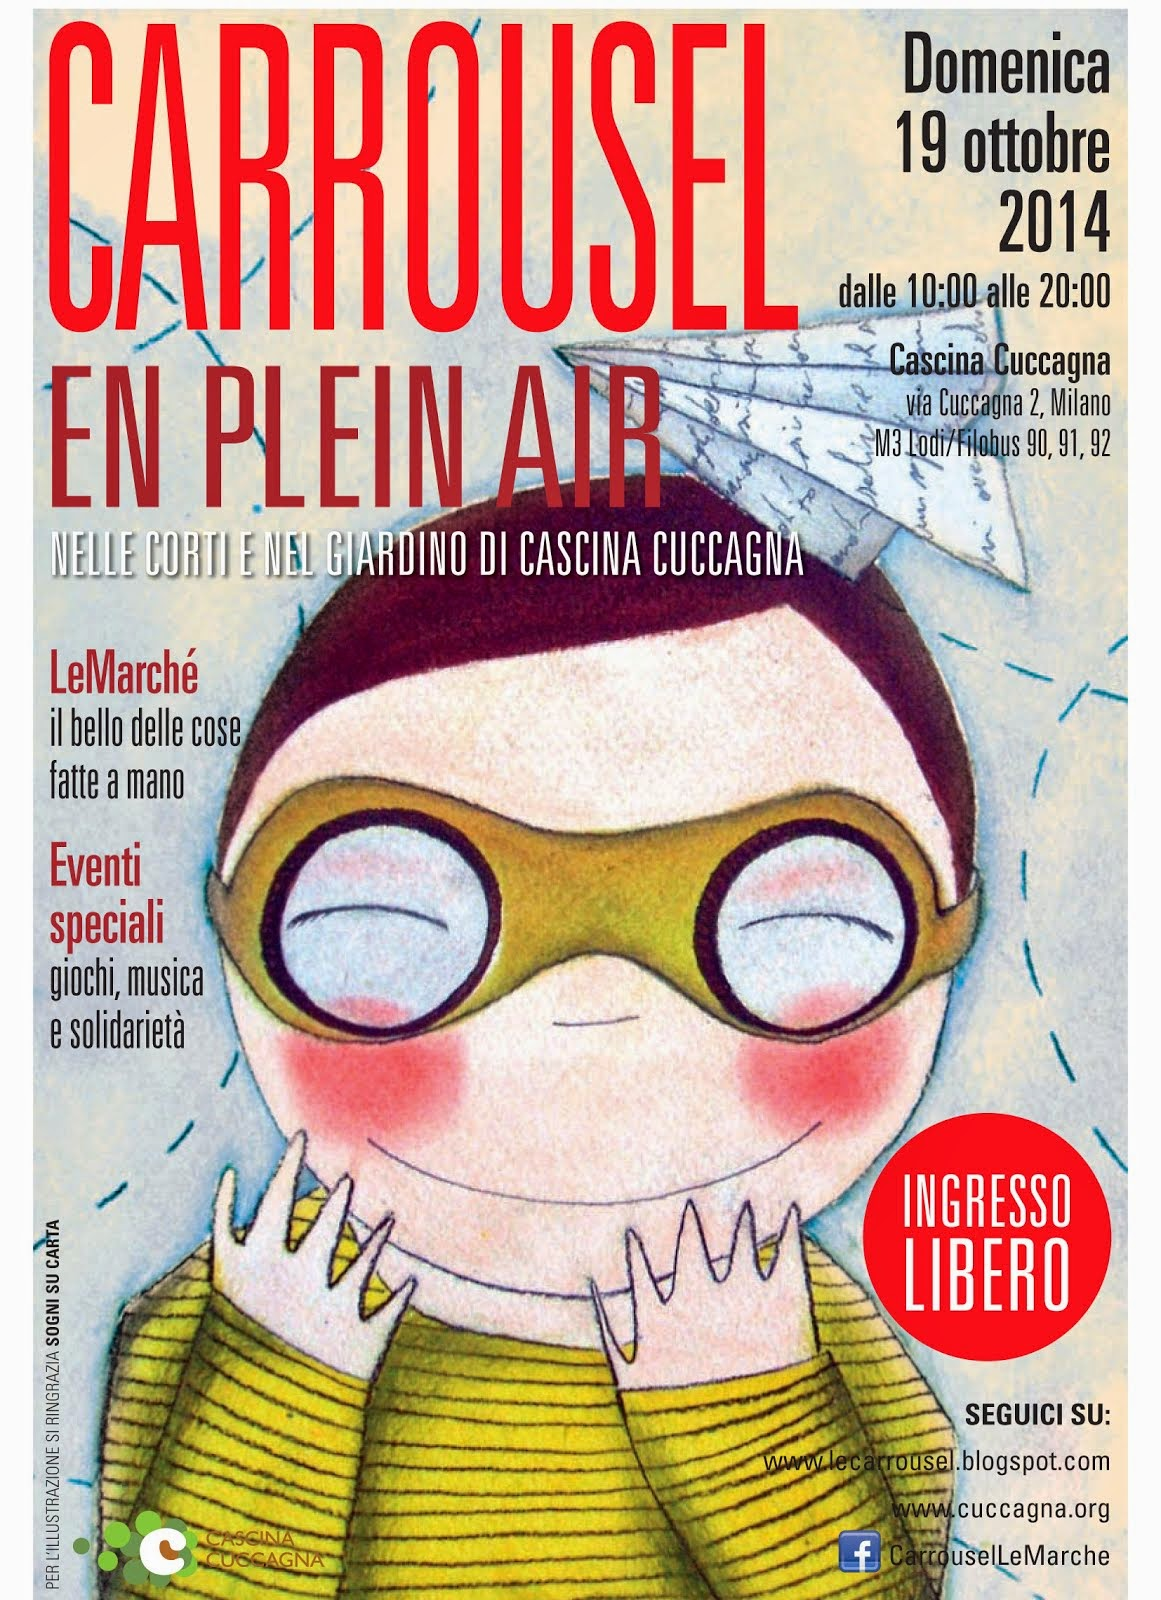 Carrousel domanica 19 Ottobre 2014